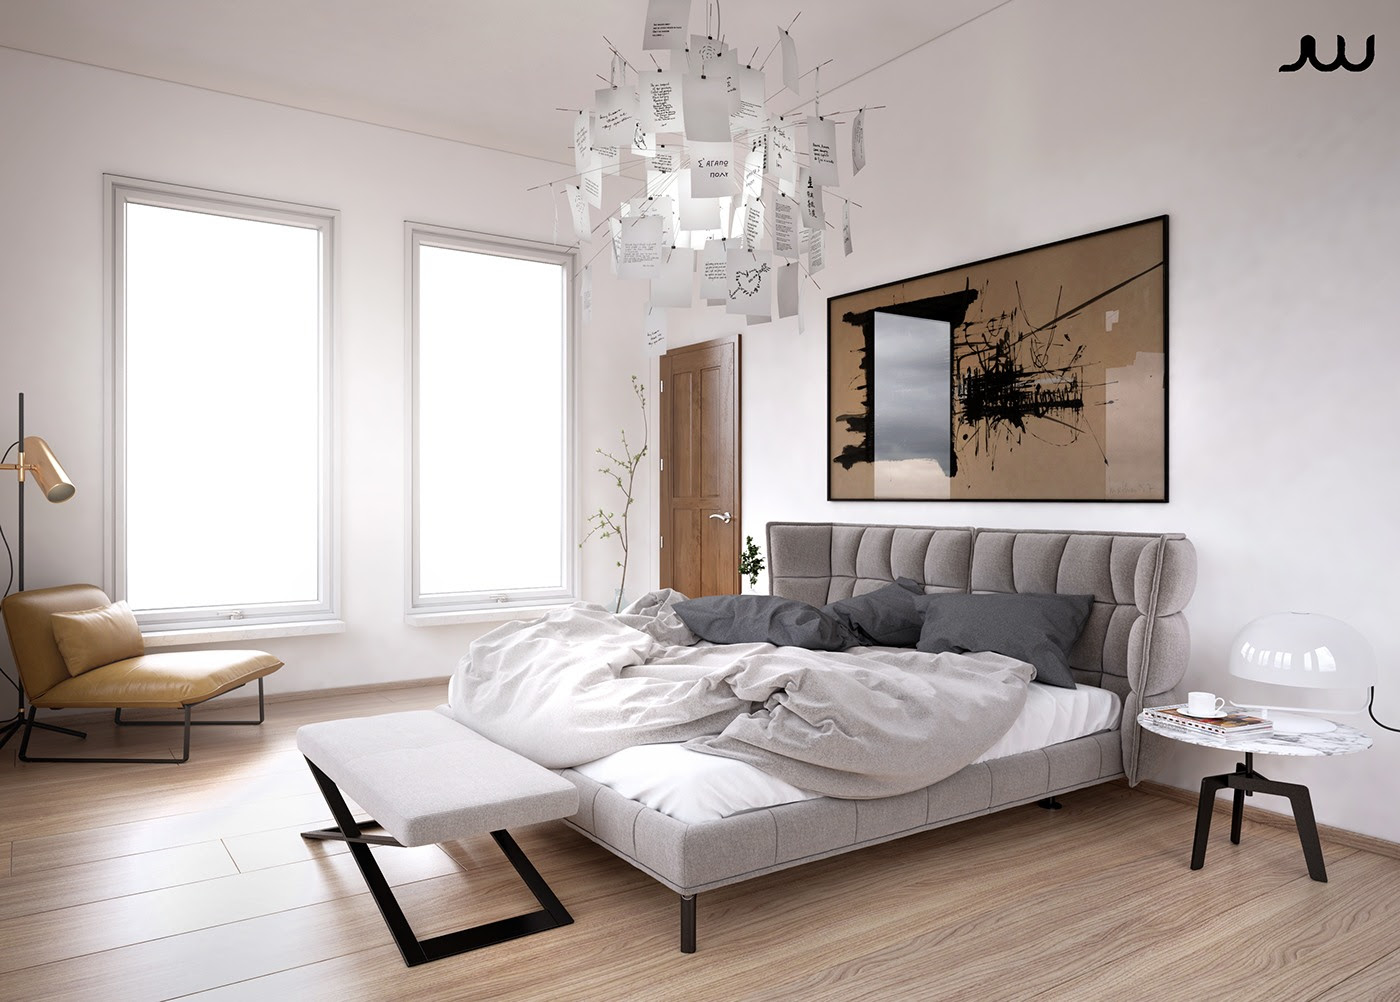 Apartment Bedroom Juni 2018